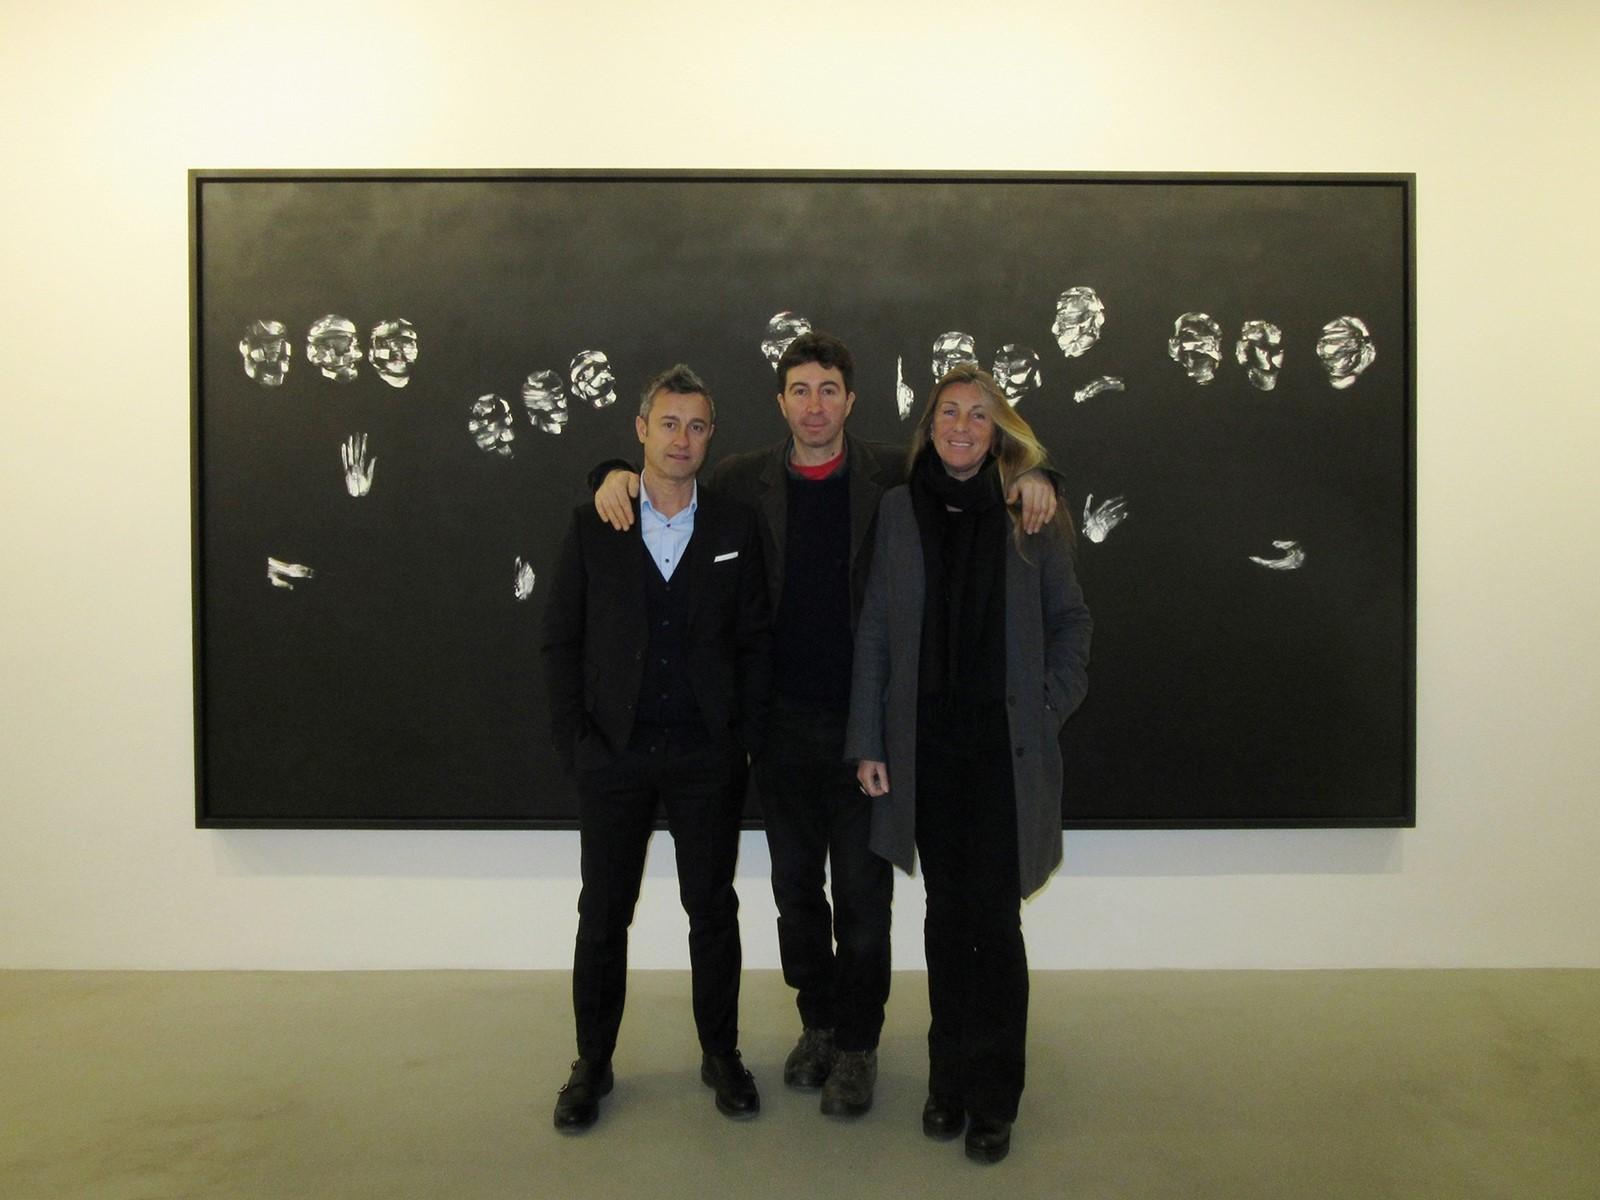 Alessandro Luppi, Lorenzo Puglisi, Martina Cavallarin all'inaugurazione della mostra